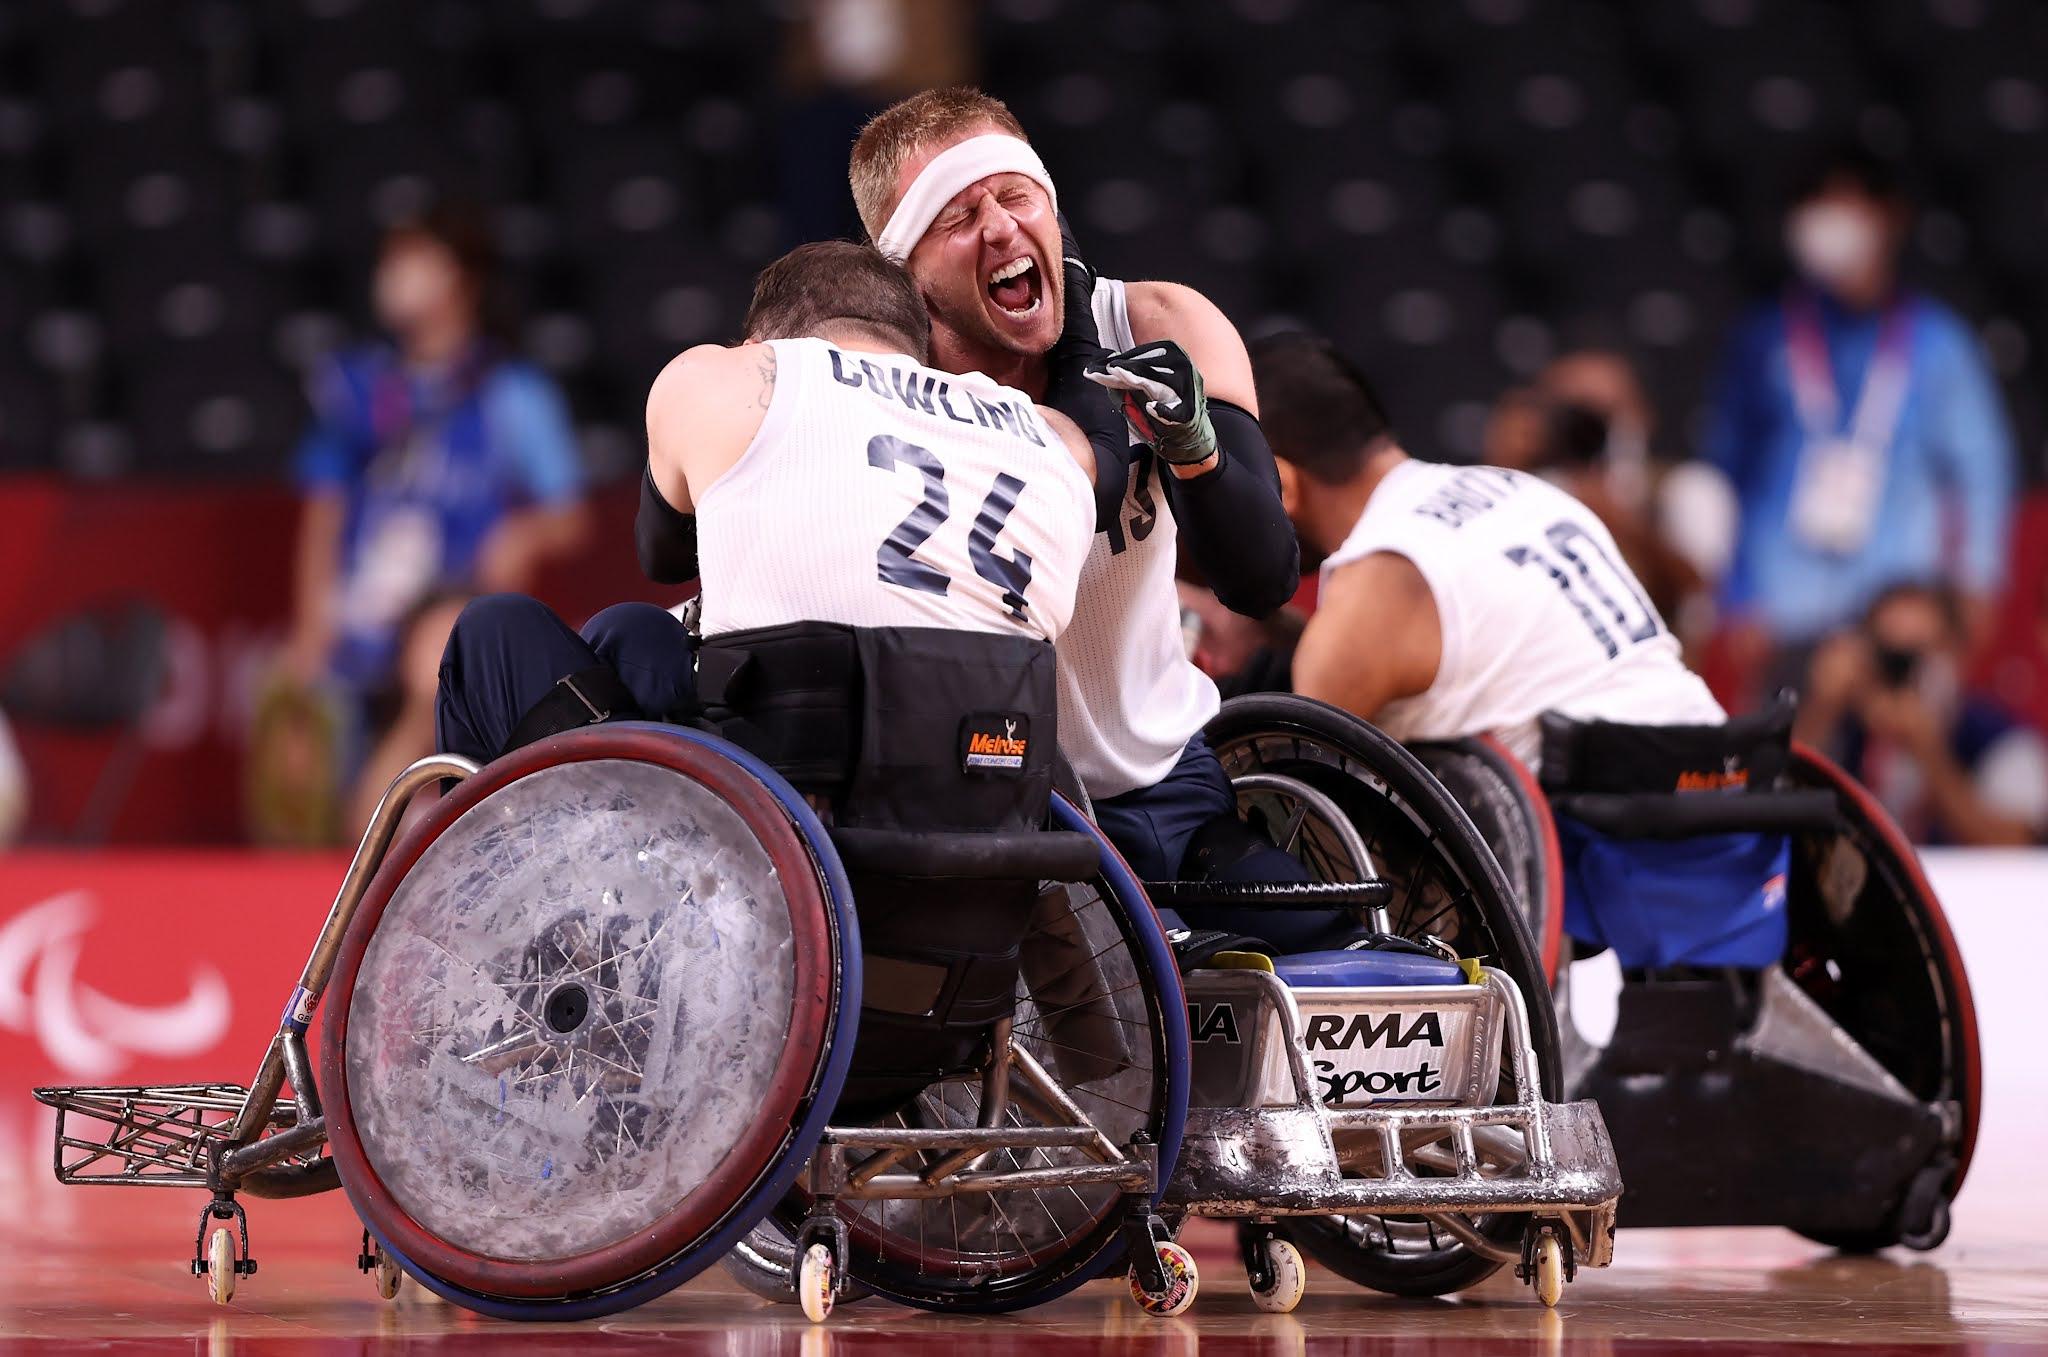 dois jogadores britânicos se abraçam após o fim da partida